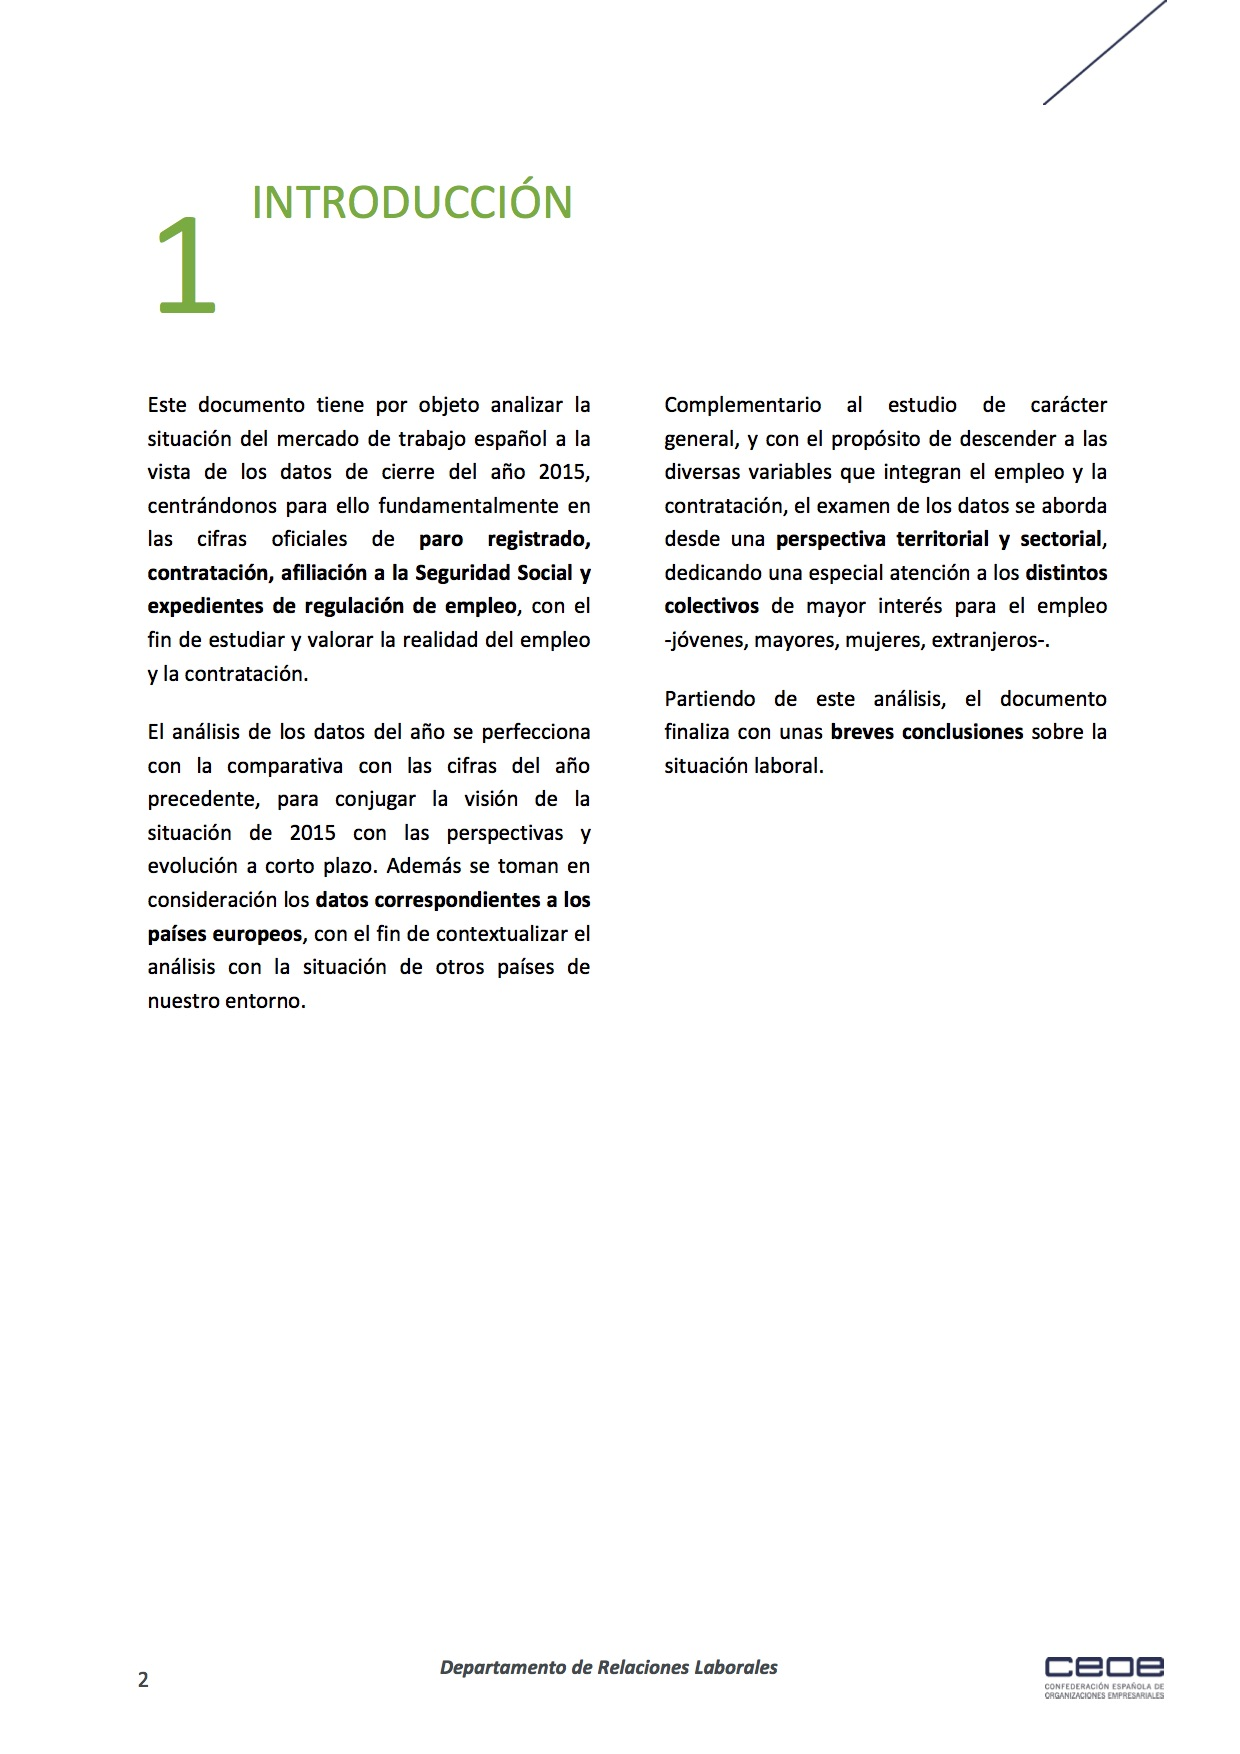 2publications_docs-file-175-analisis-del-mercado-laboral-de-2015